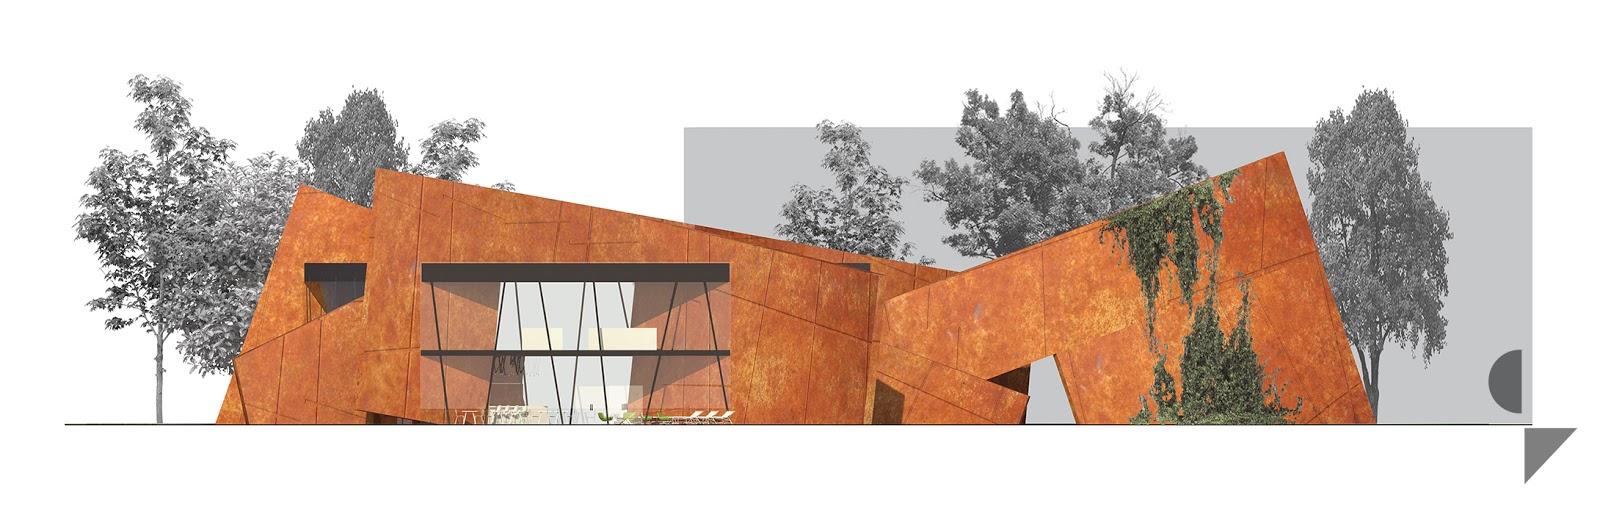 widok elewacji projektu architektonicznego